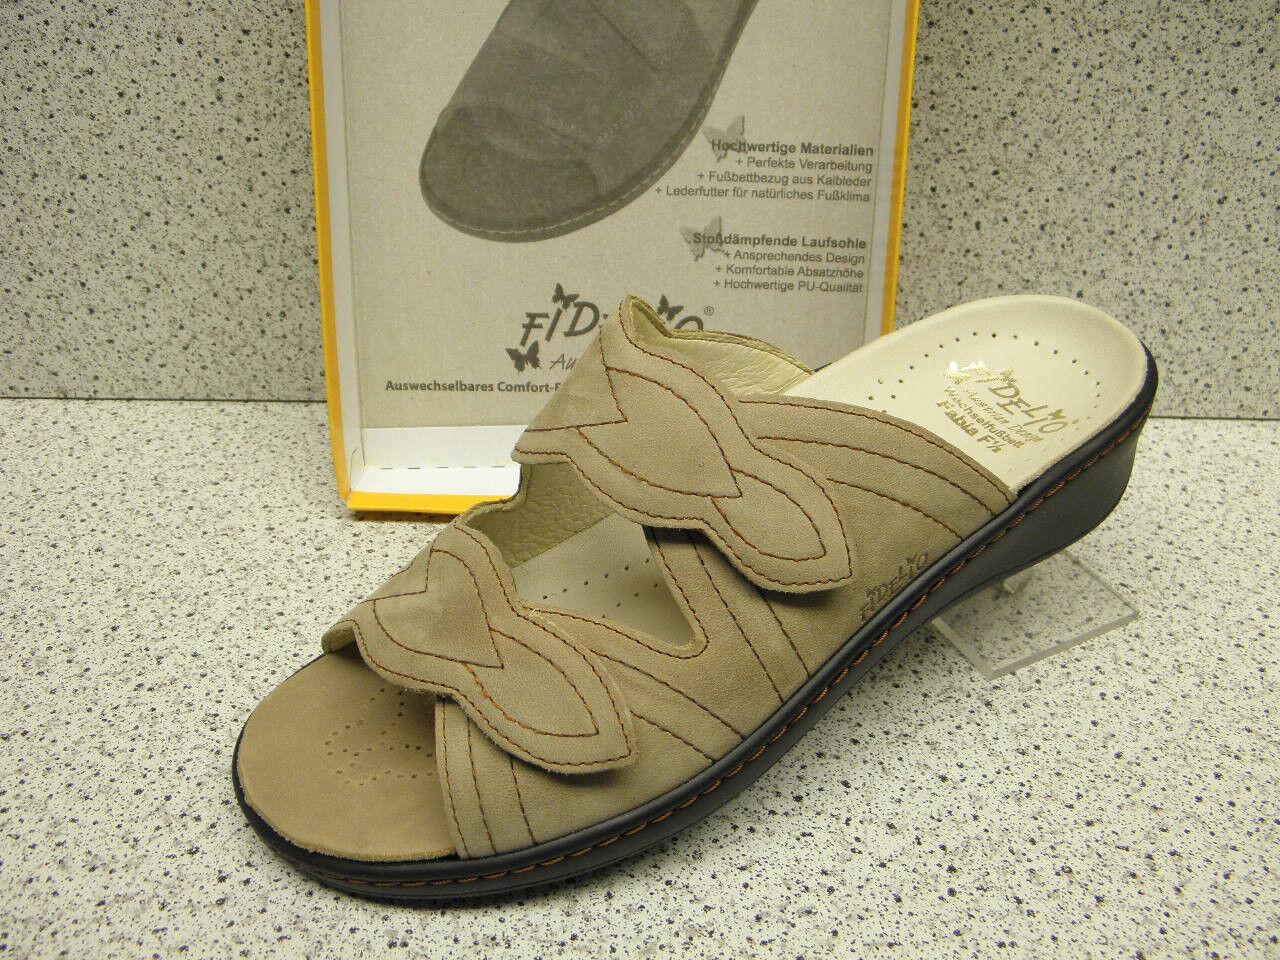 Fidelio ® rotuziert  bisher   Pantolette Leder (F46) Gr. 40